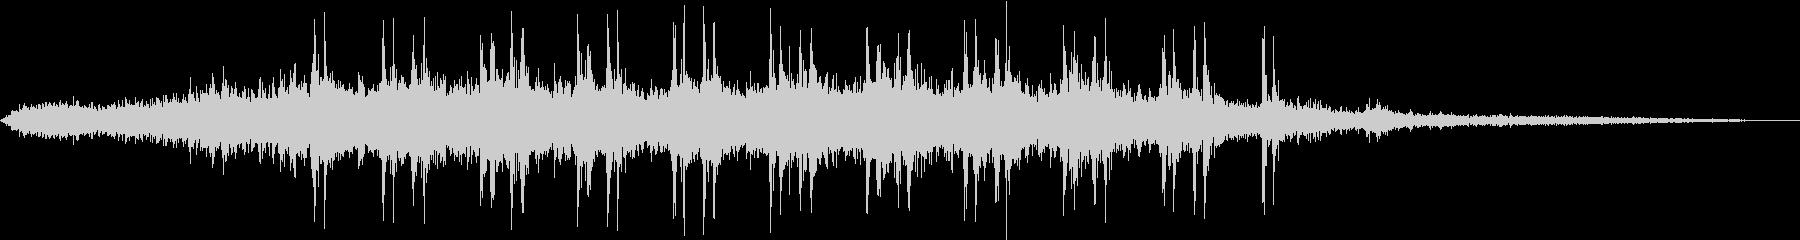 【生録音】高架下で頭上を電車が通過する音の未再生の波形